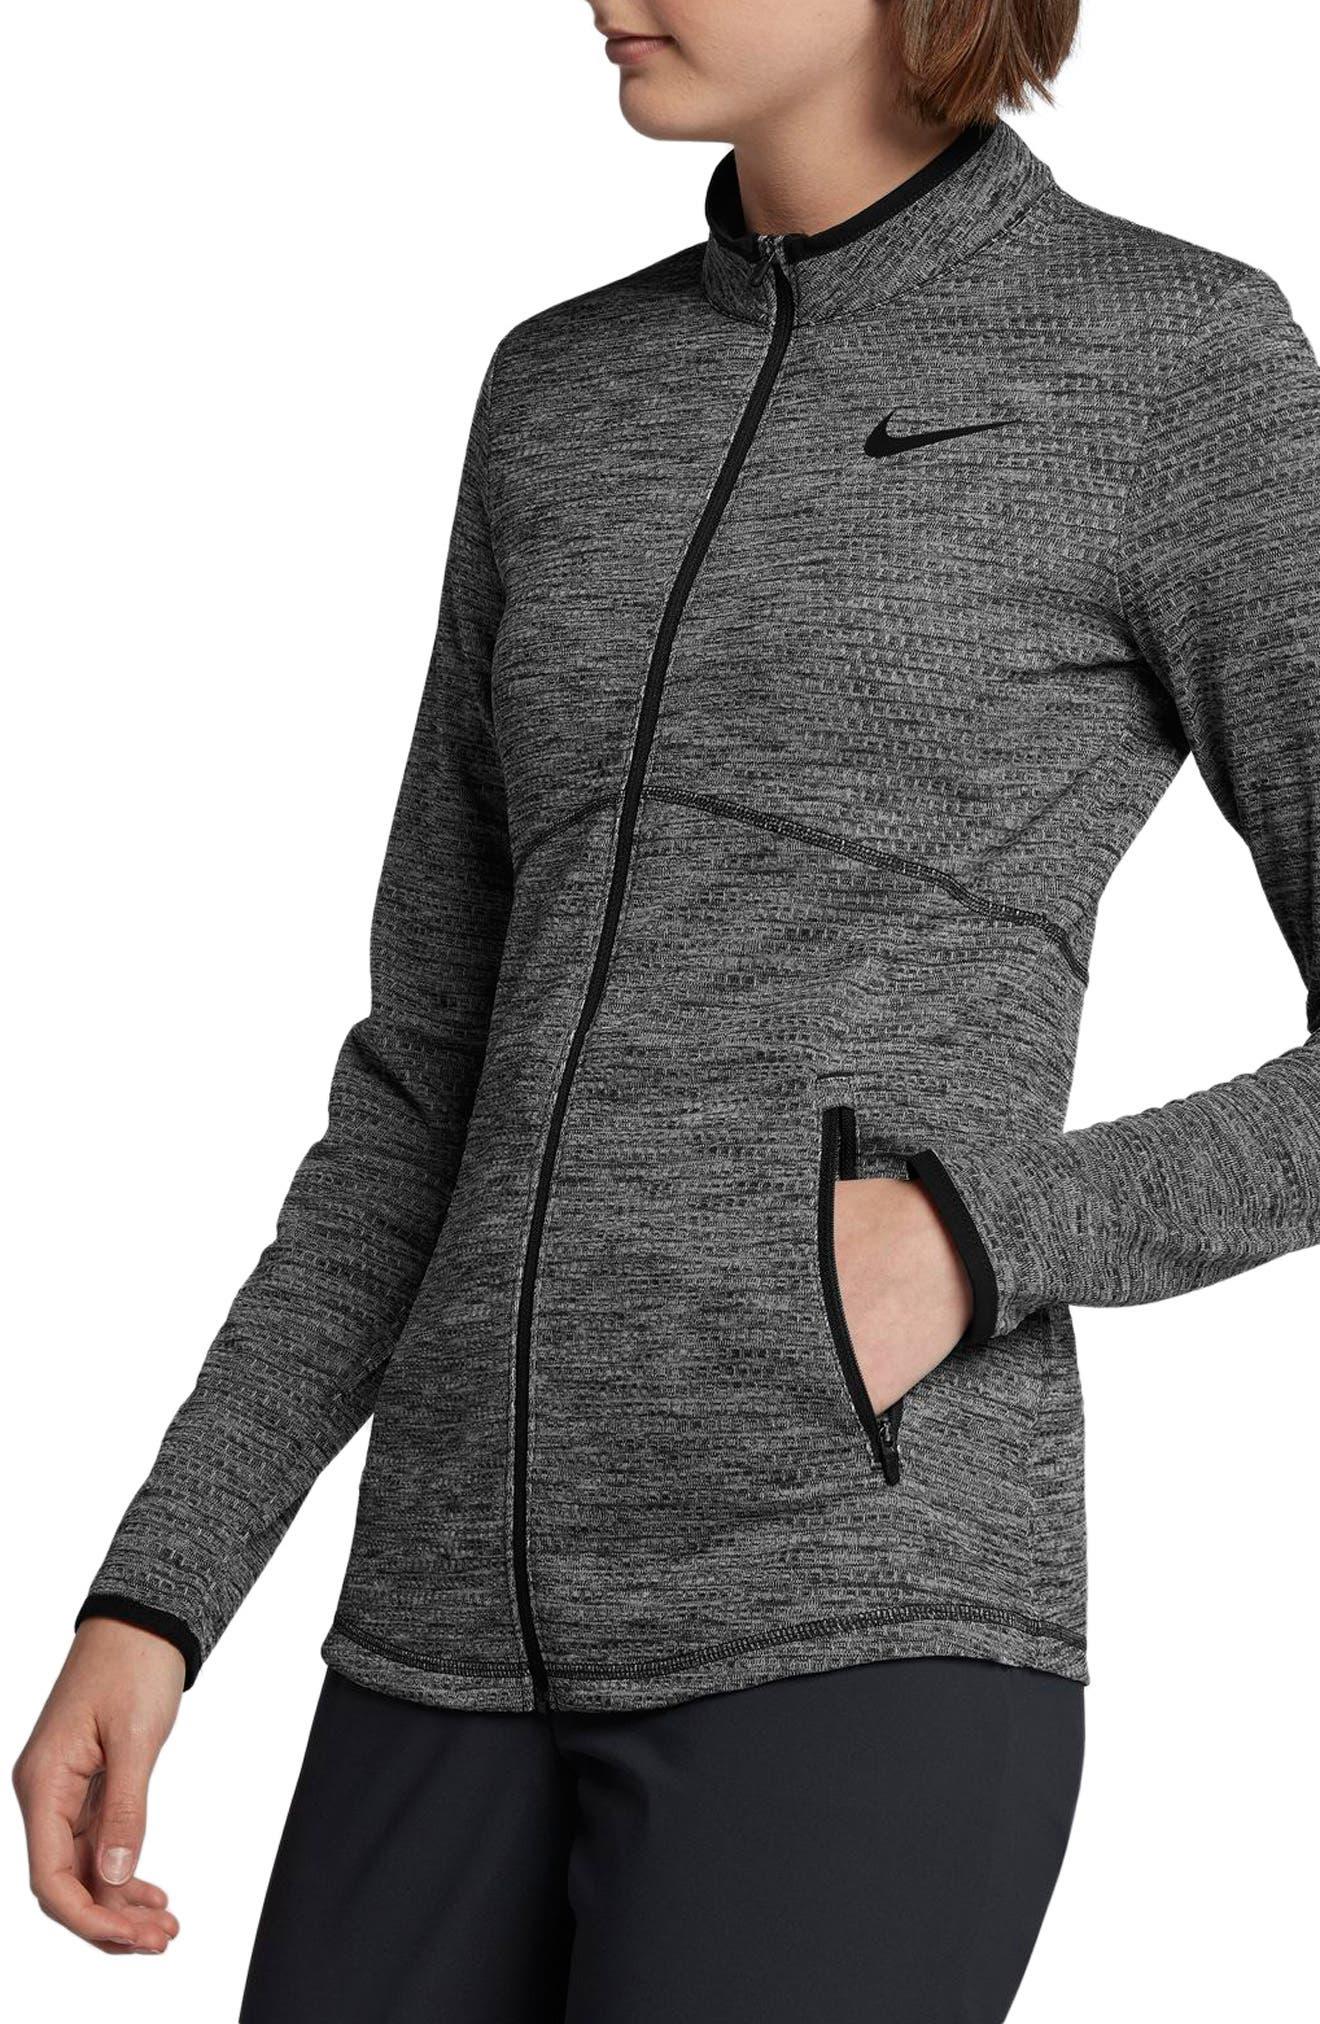 Dry Golf Jacket,                             Main thumbnail 1, color,                             010